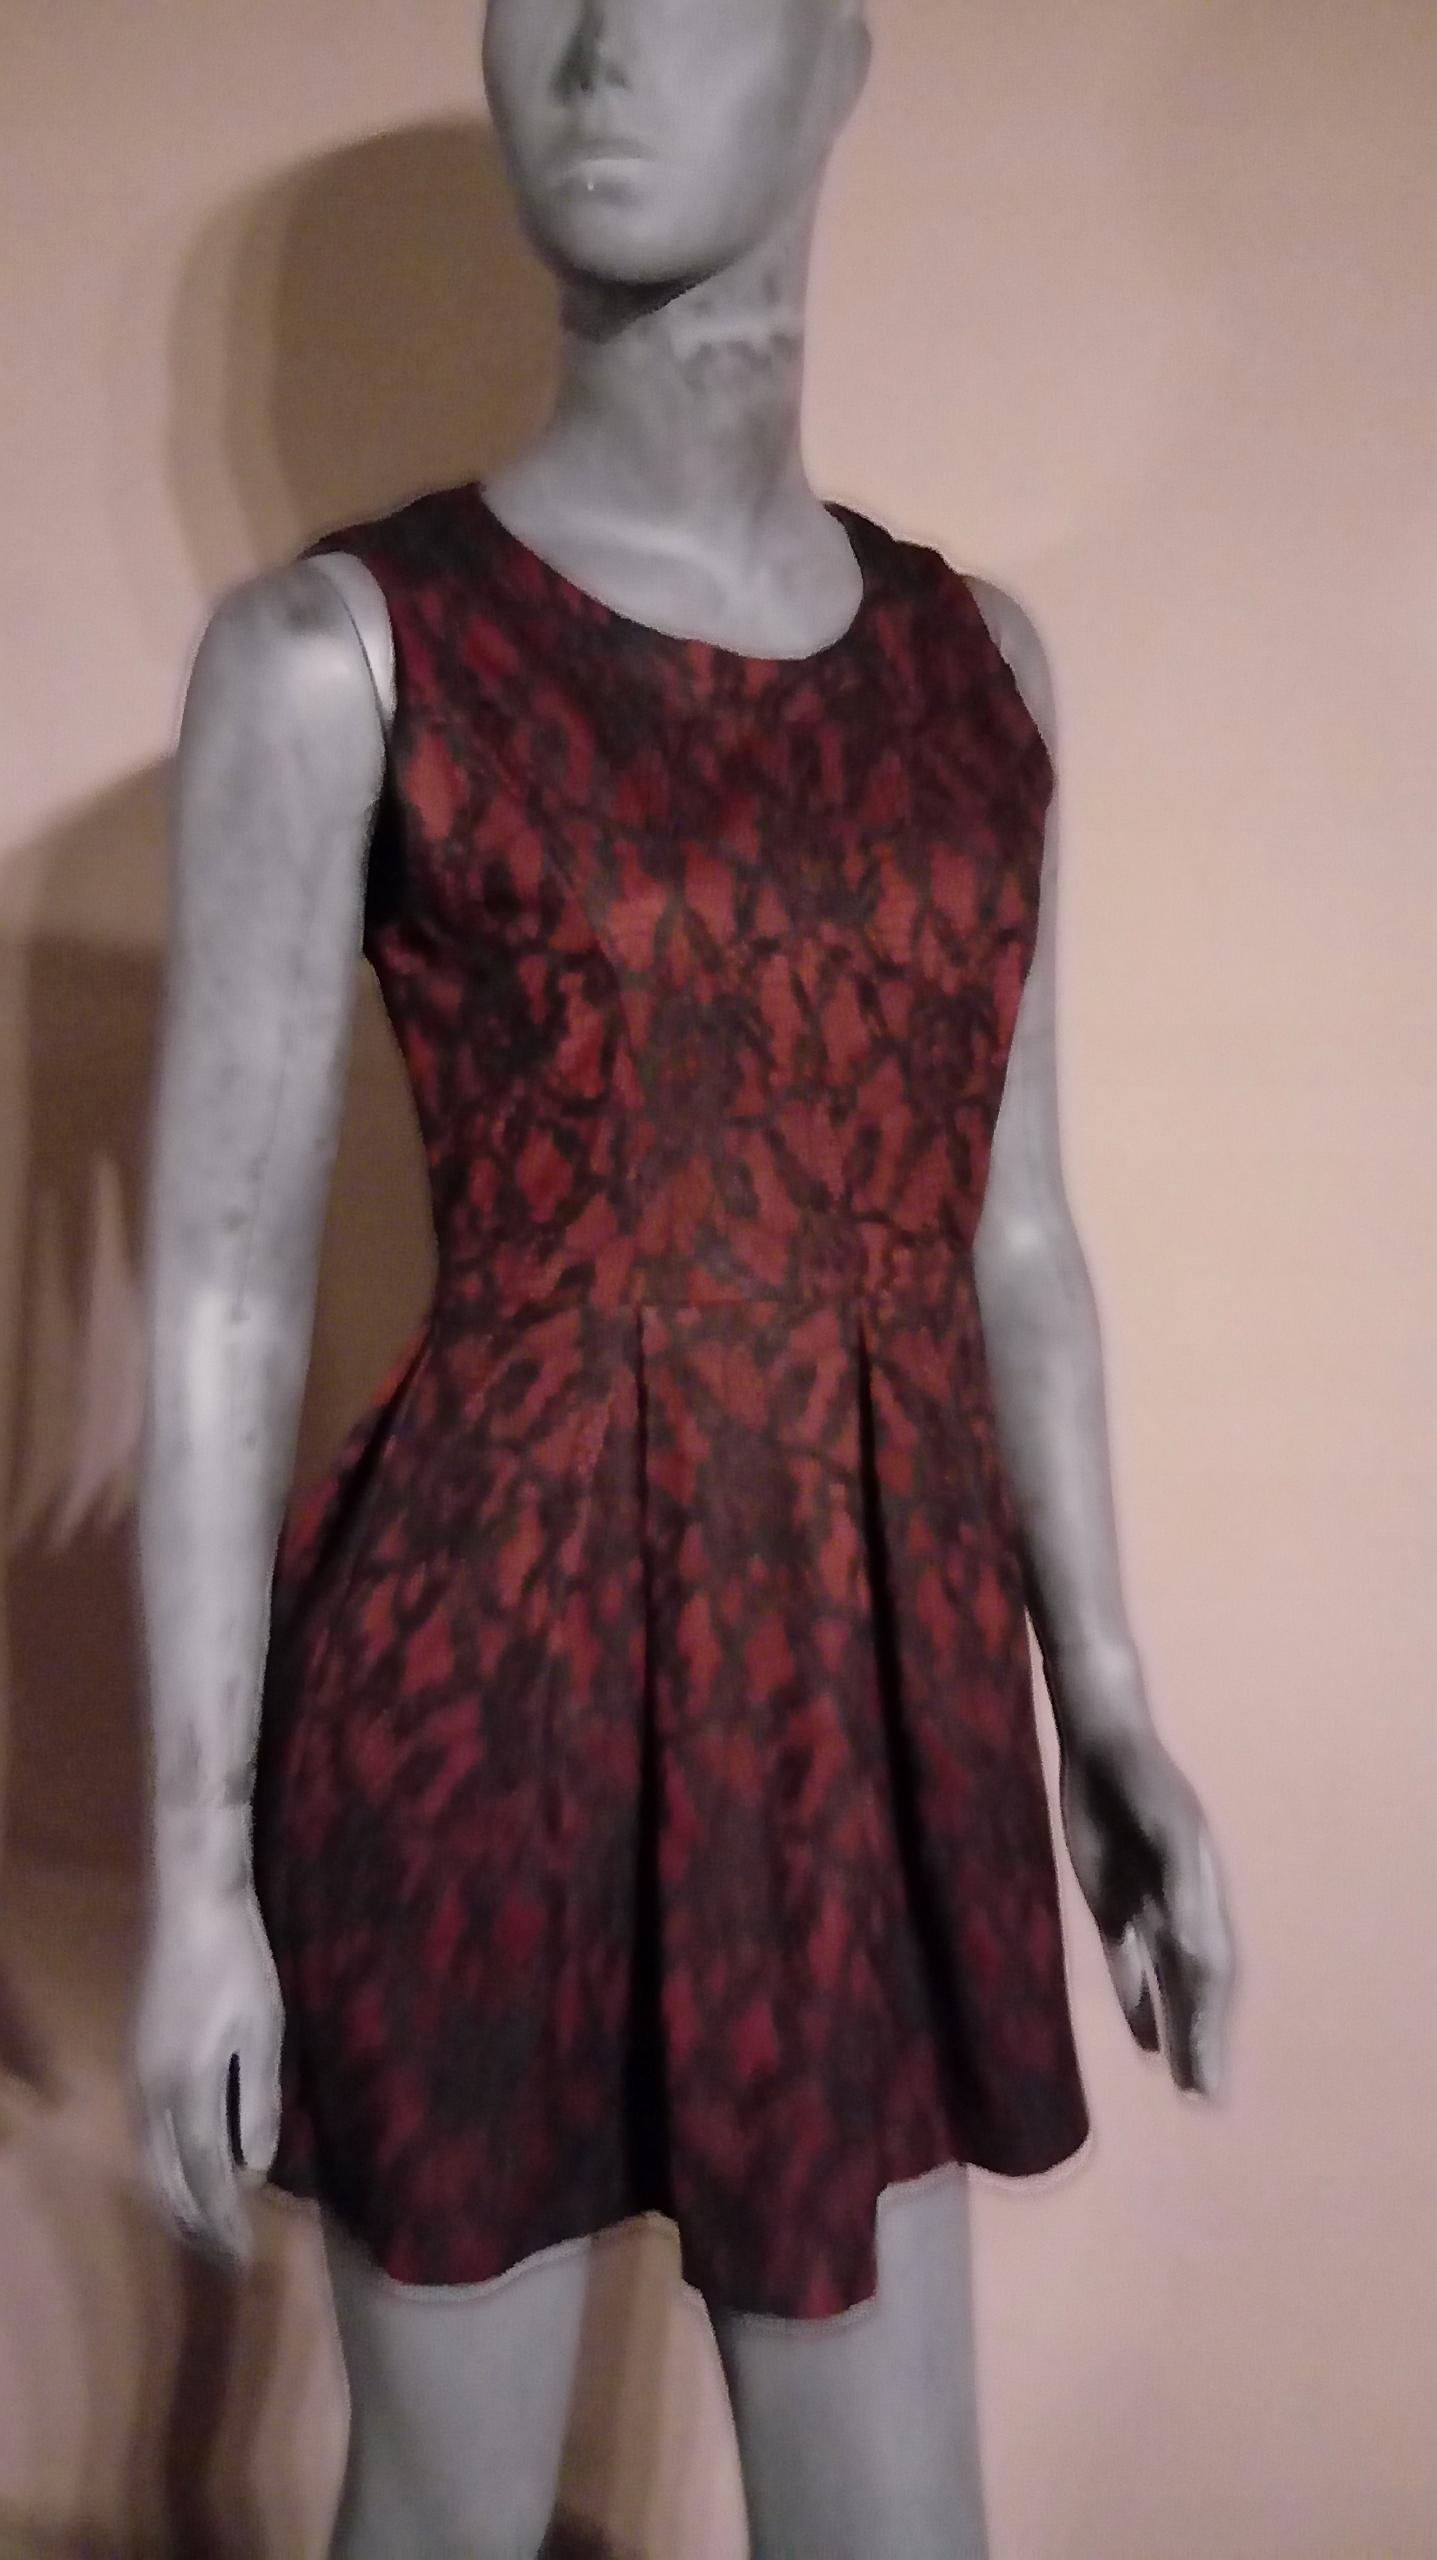 d4215416d1 Sukienka sylwestrowa studniówka 36 j.nowa Apricot - 7674120799 ...